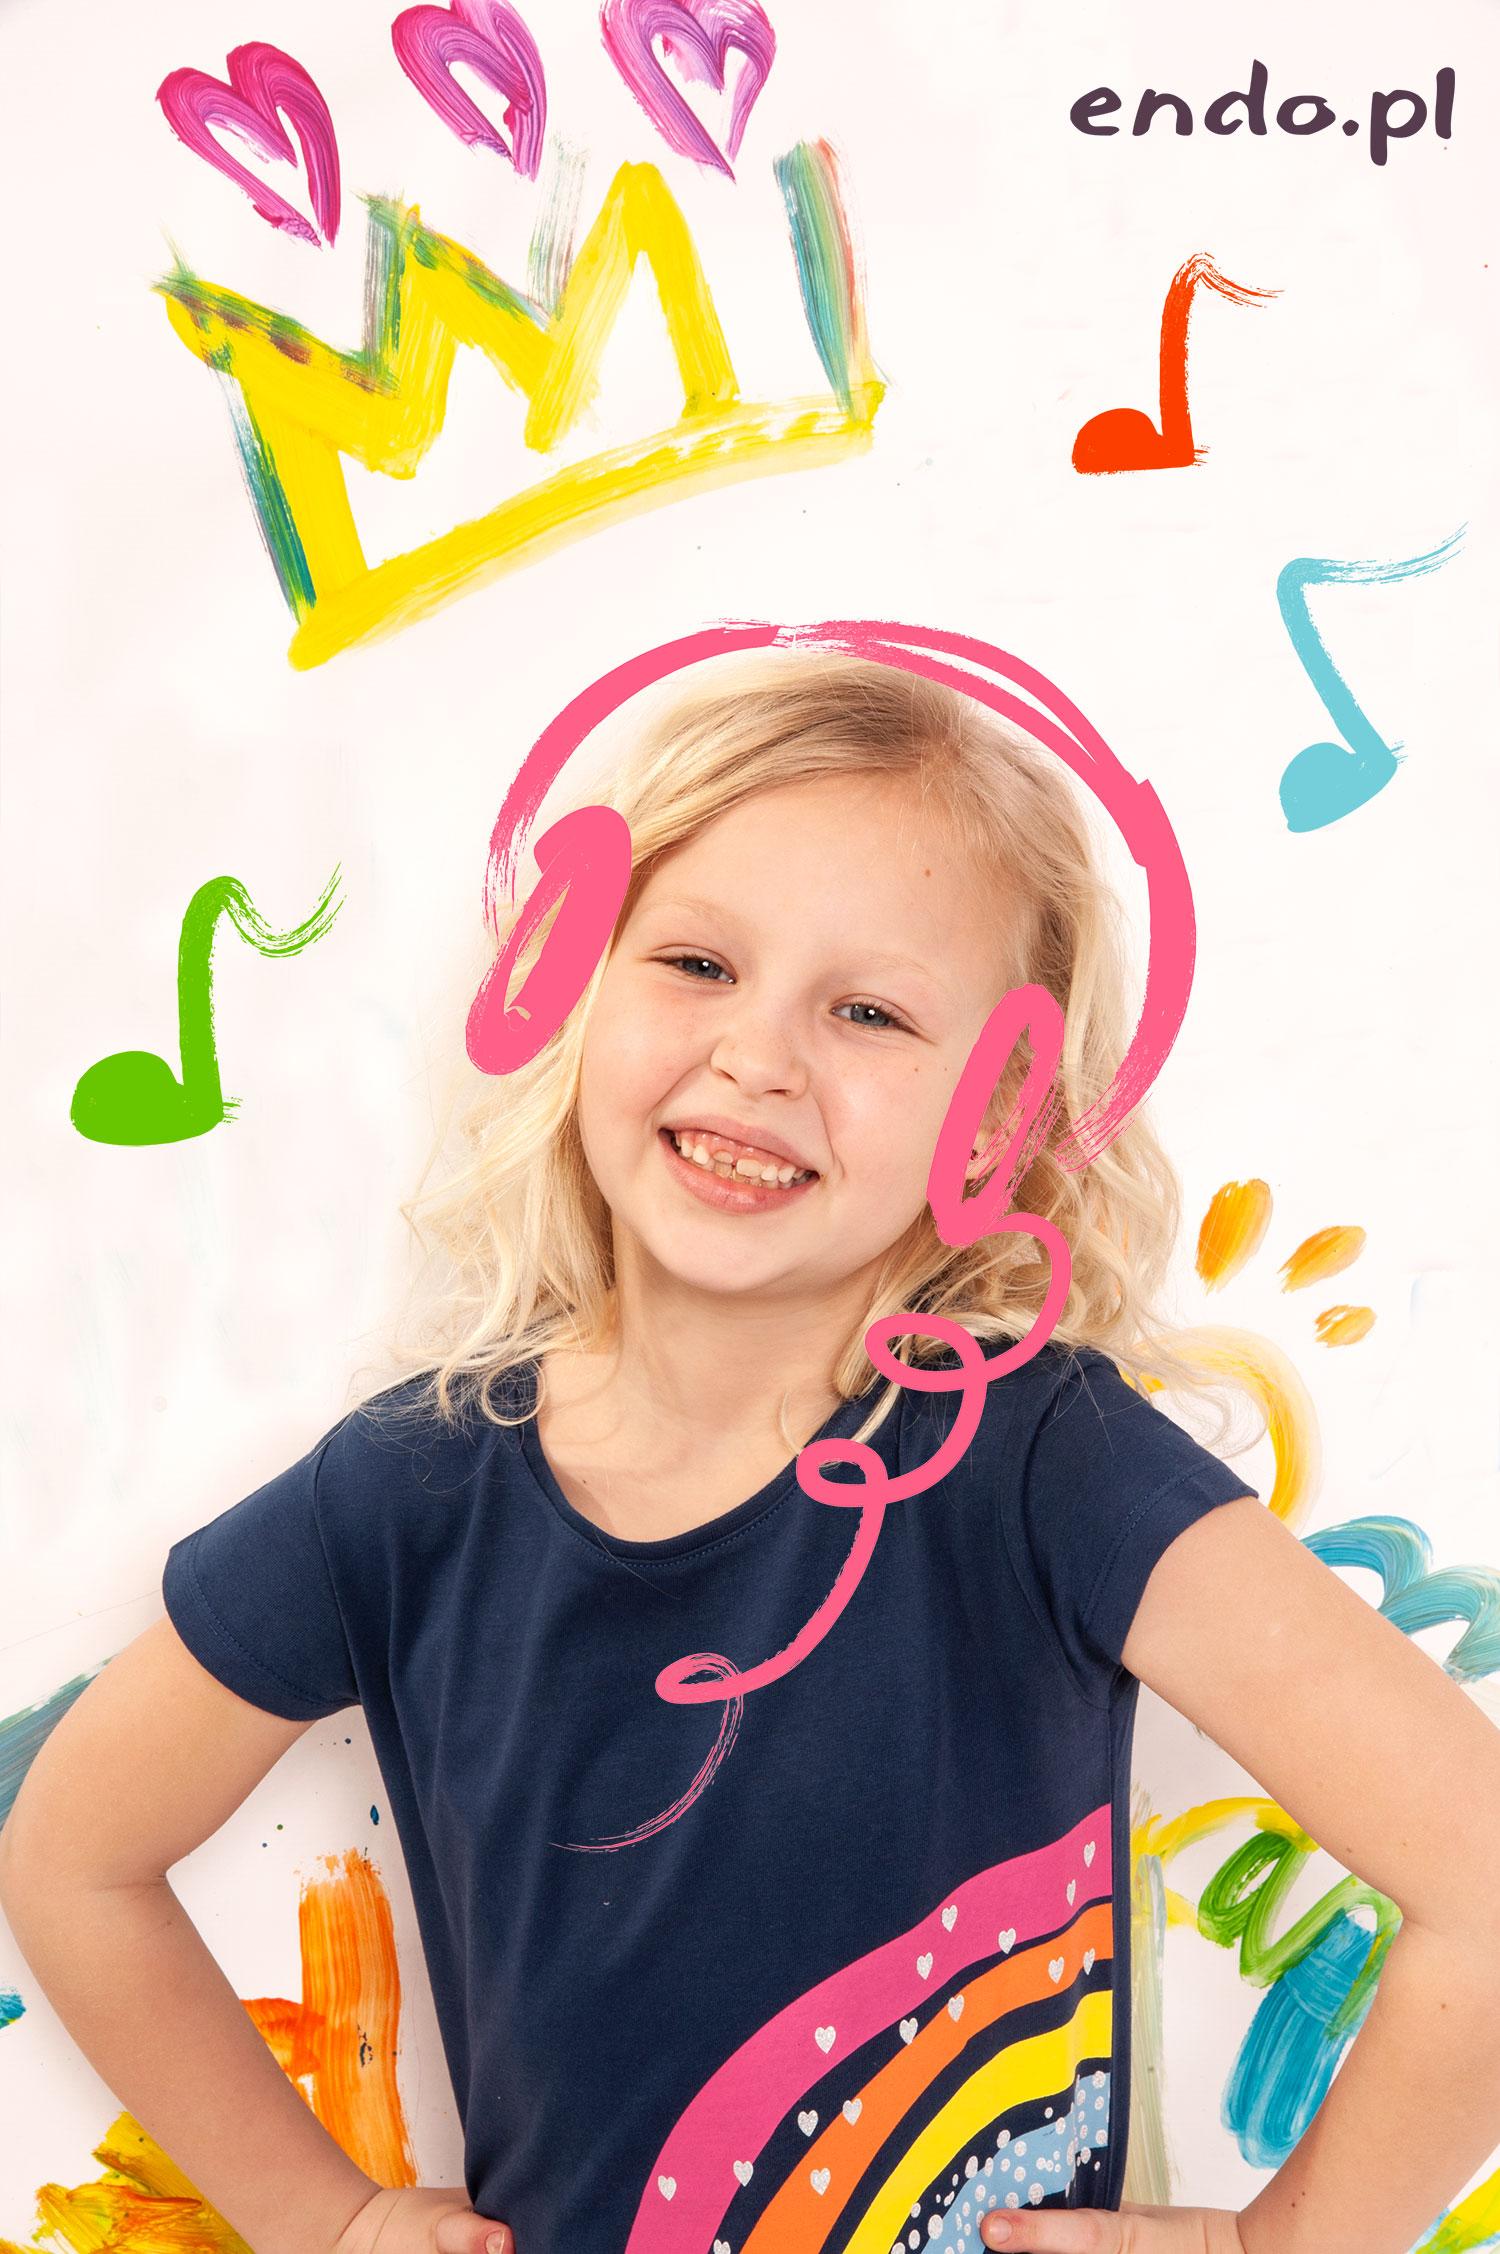 Dziewczynka z dorysowanymi słuchawkami.